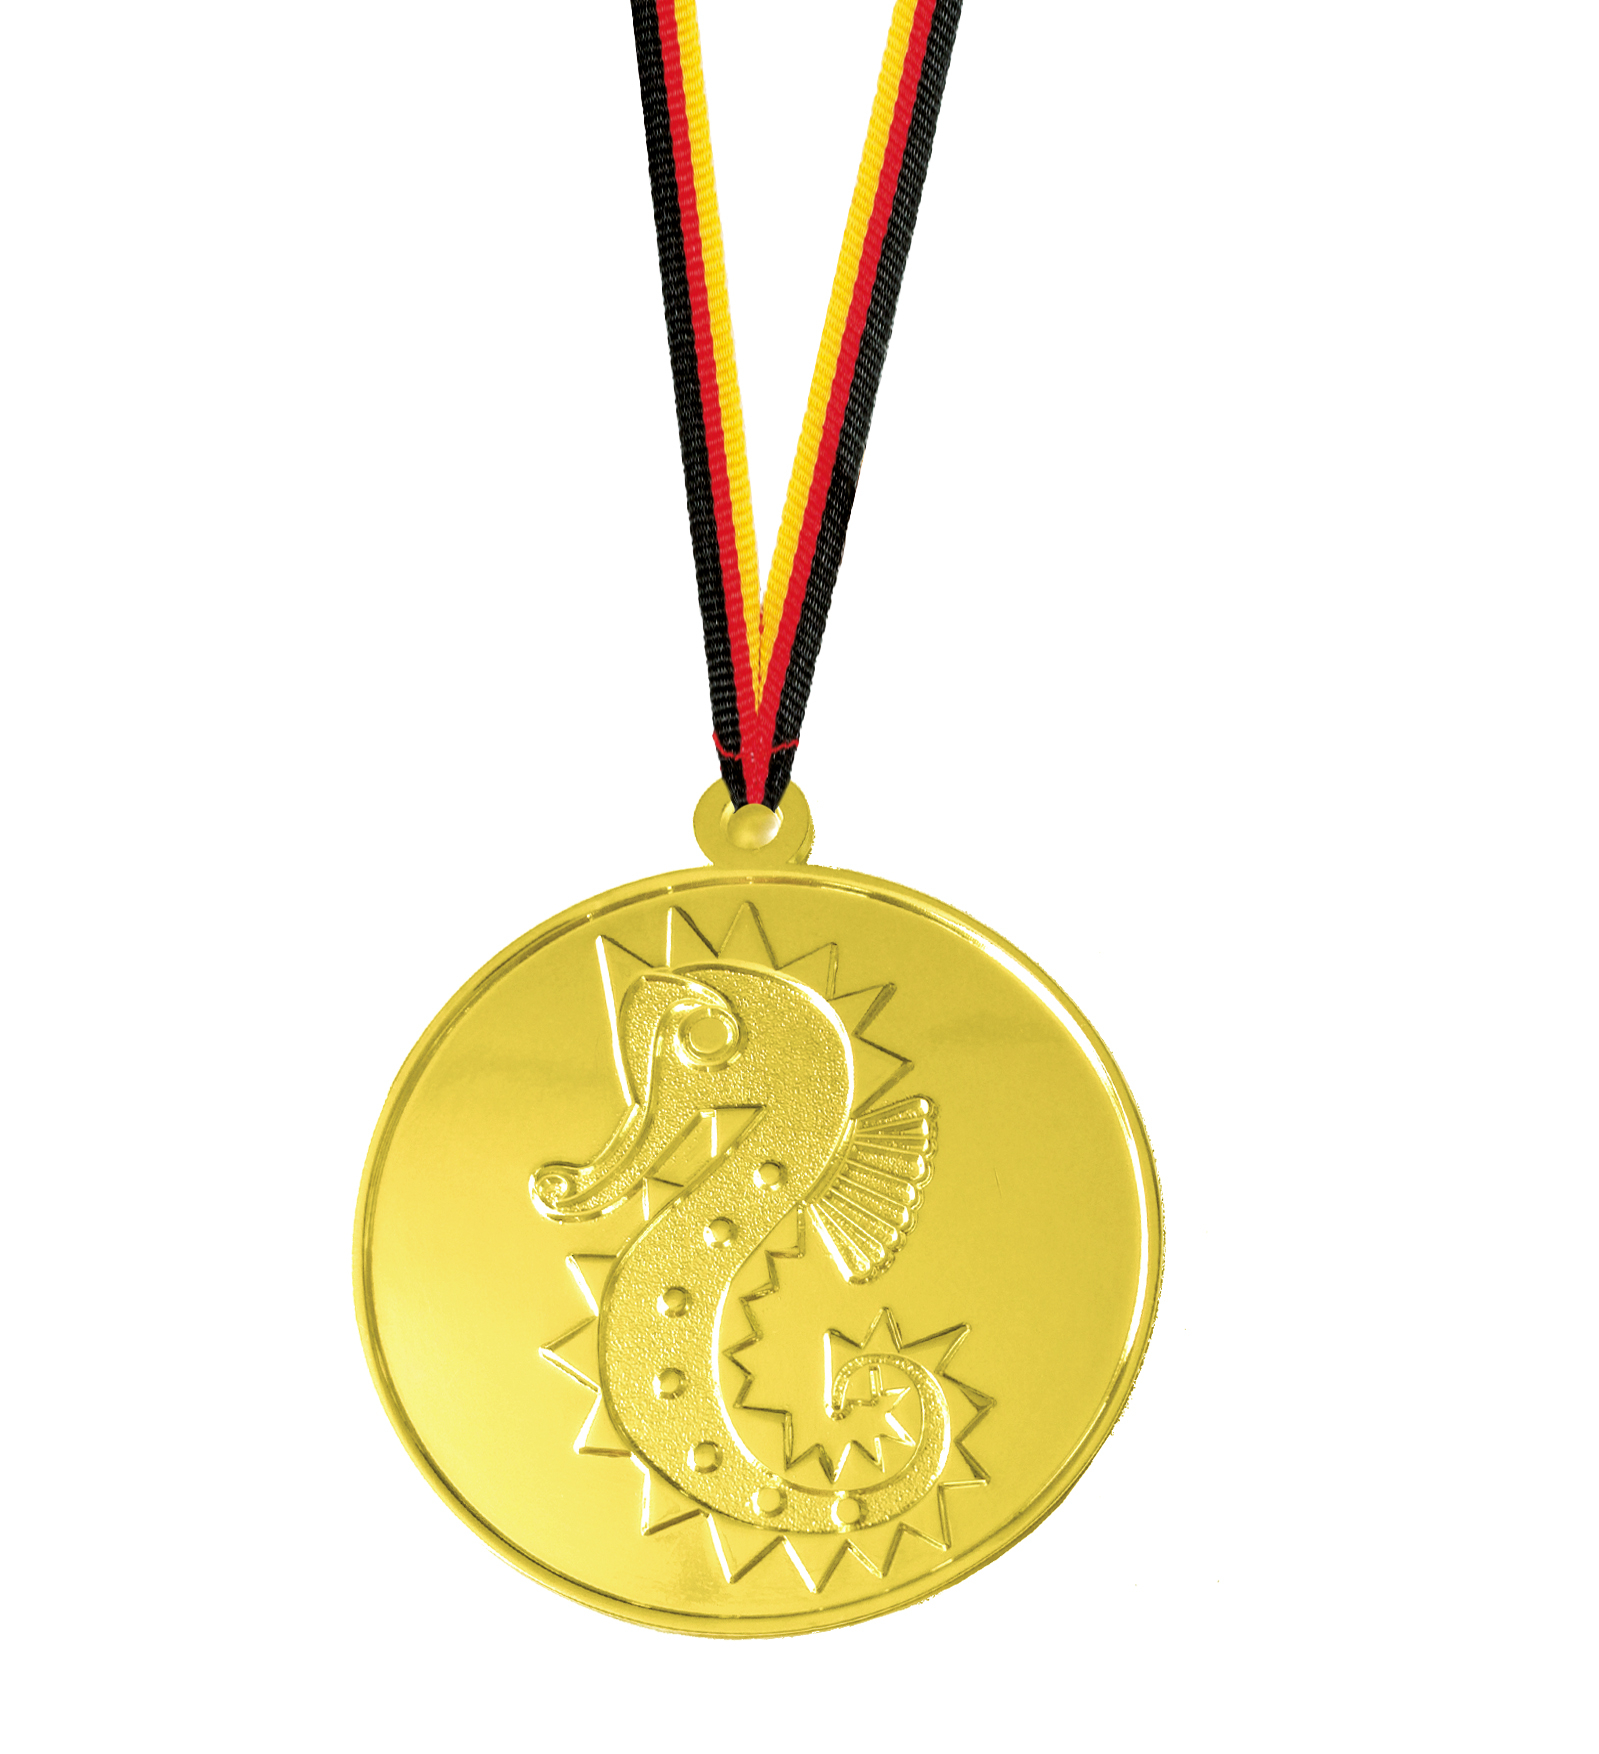 Seepferdchen Medaille geprägt Medaillen Premium hochwertig edel